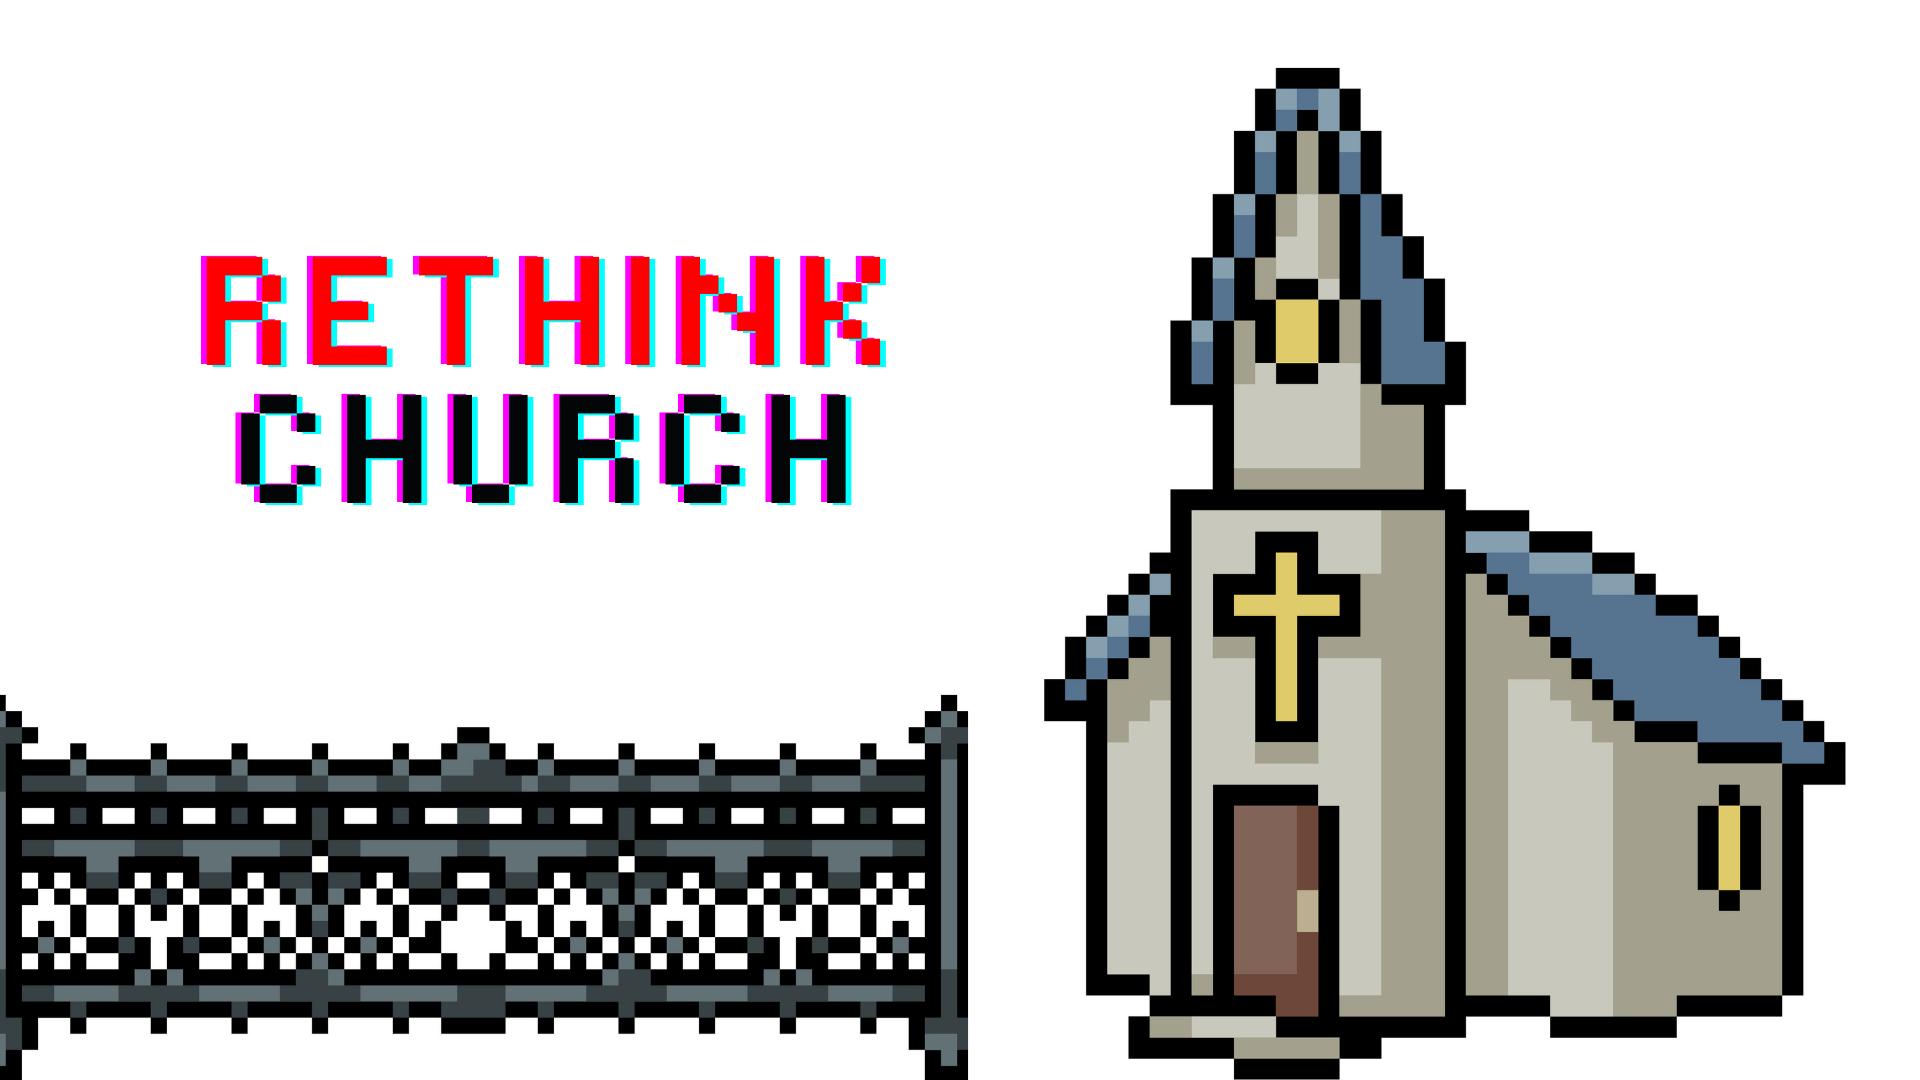 Igreja está aparecendo em alguns espaços digitais surpreendentes